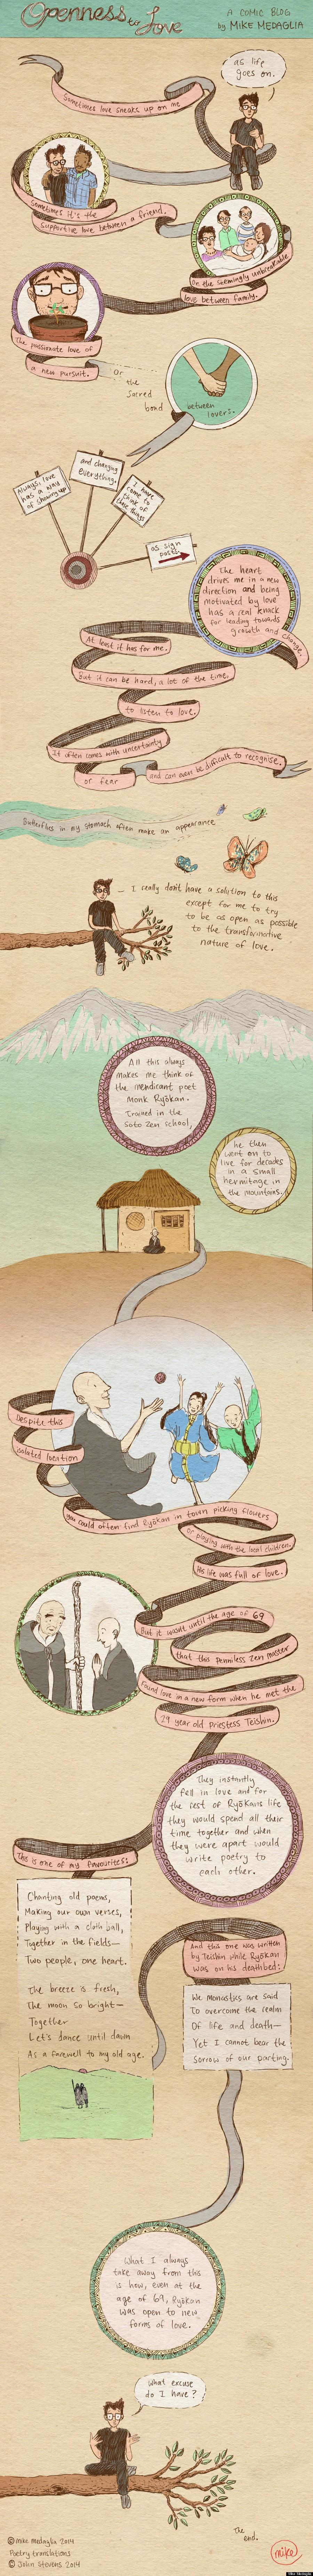 meditation comic